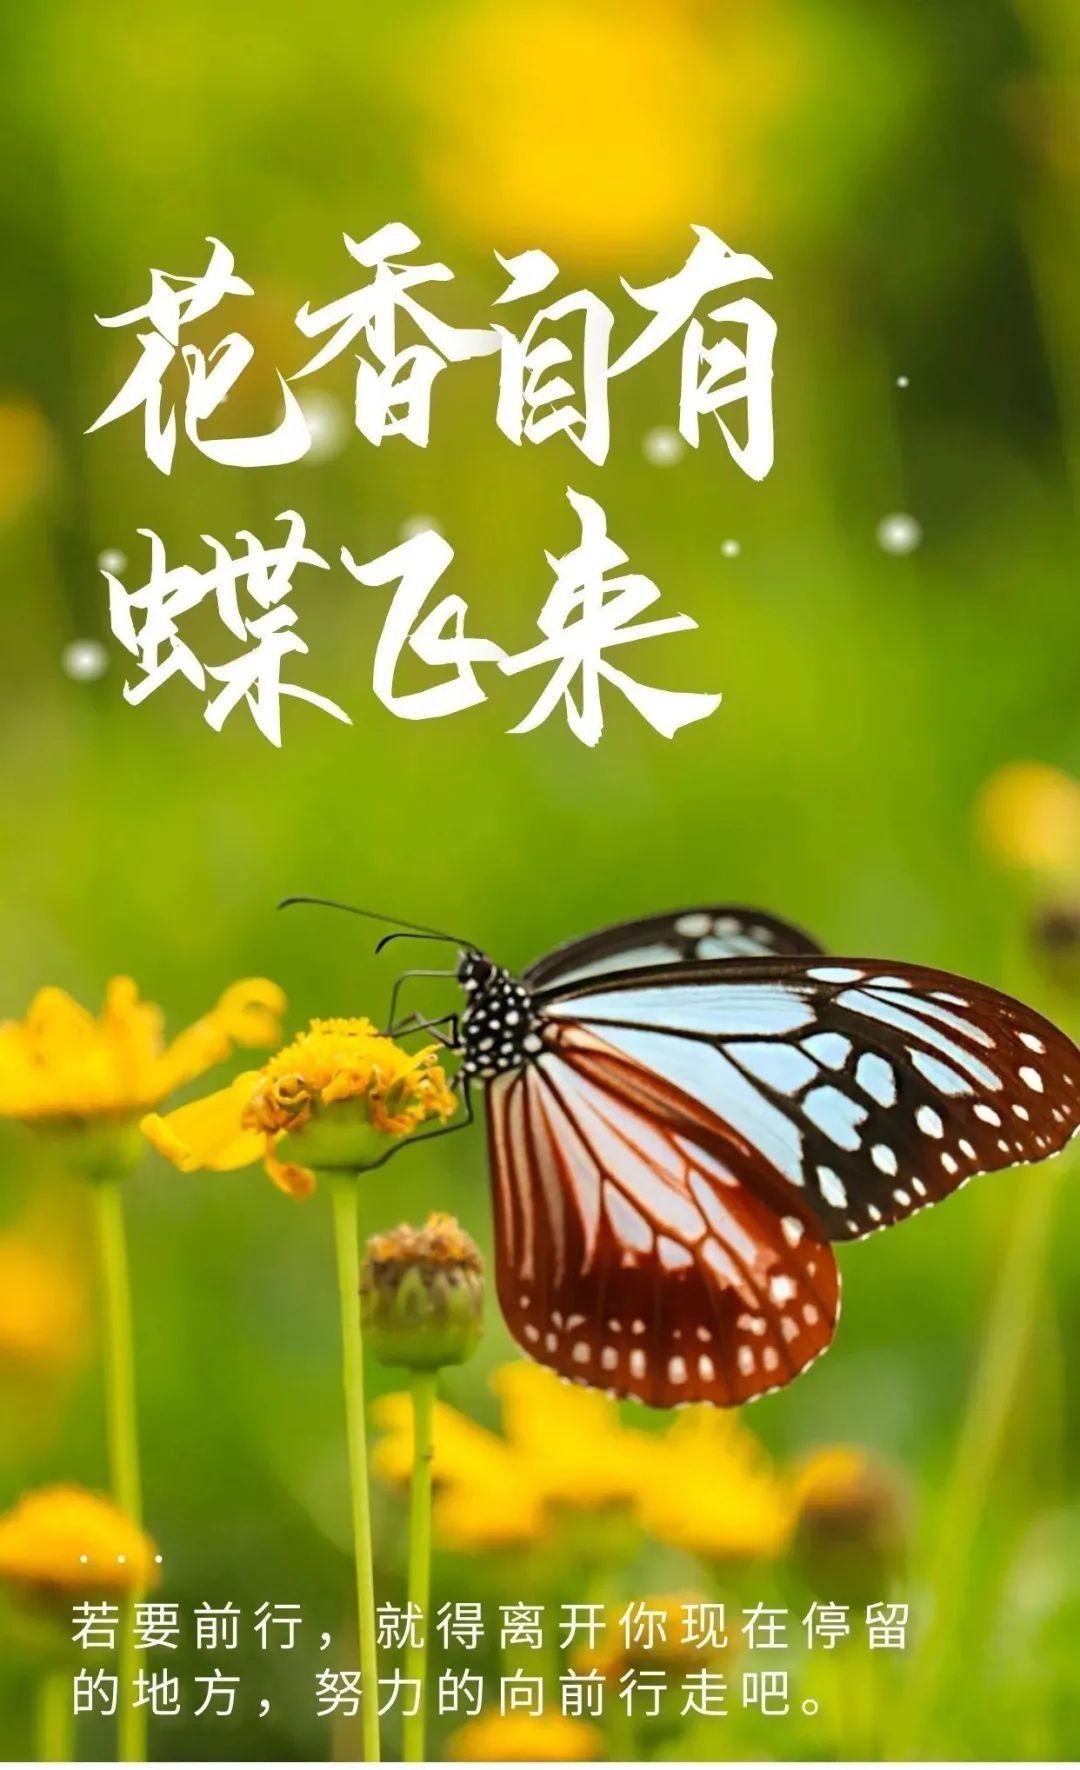 腊月二十八祝福心语正能量阳光图片日签